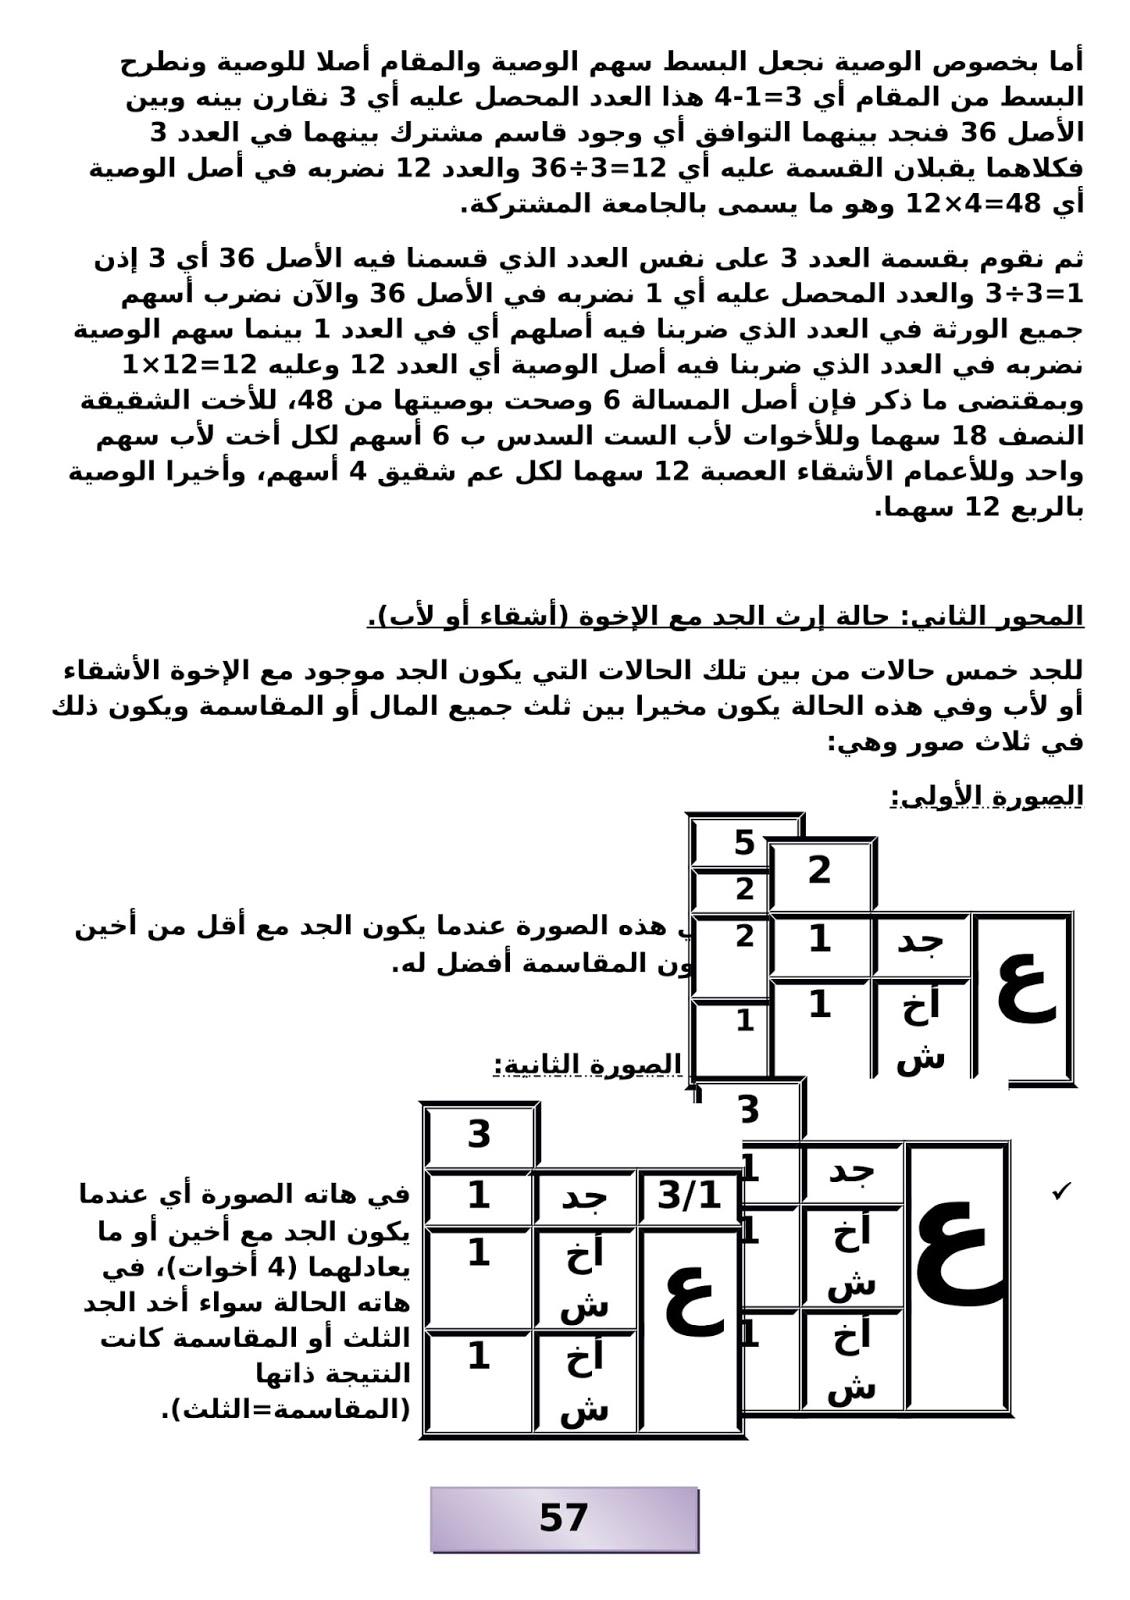 نماذج امتحانات مادة المواريث مع التصحيح